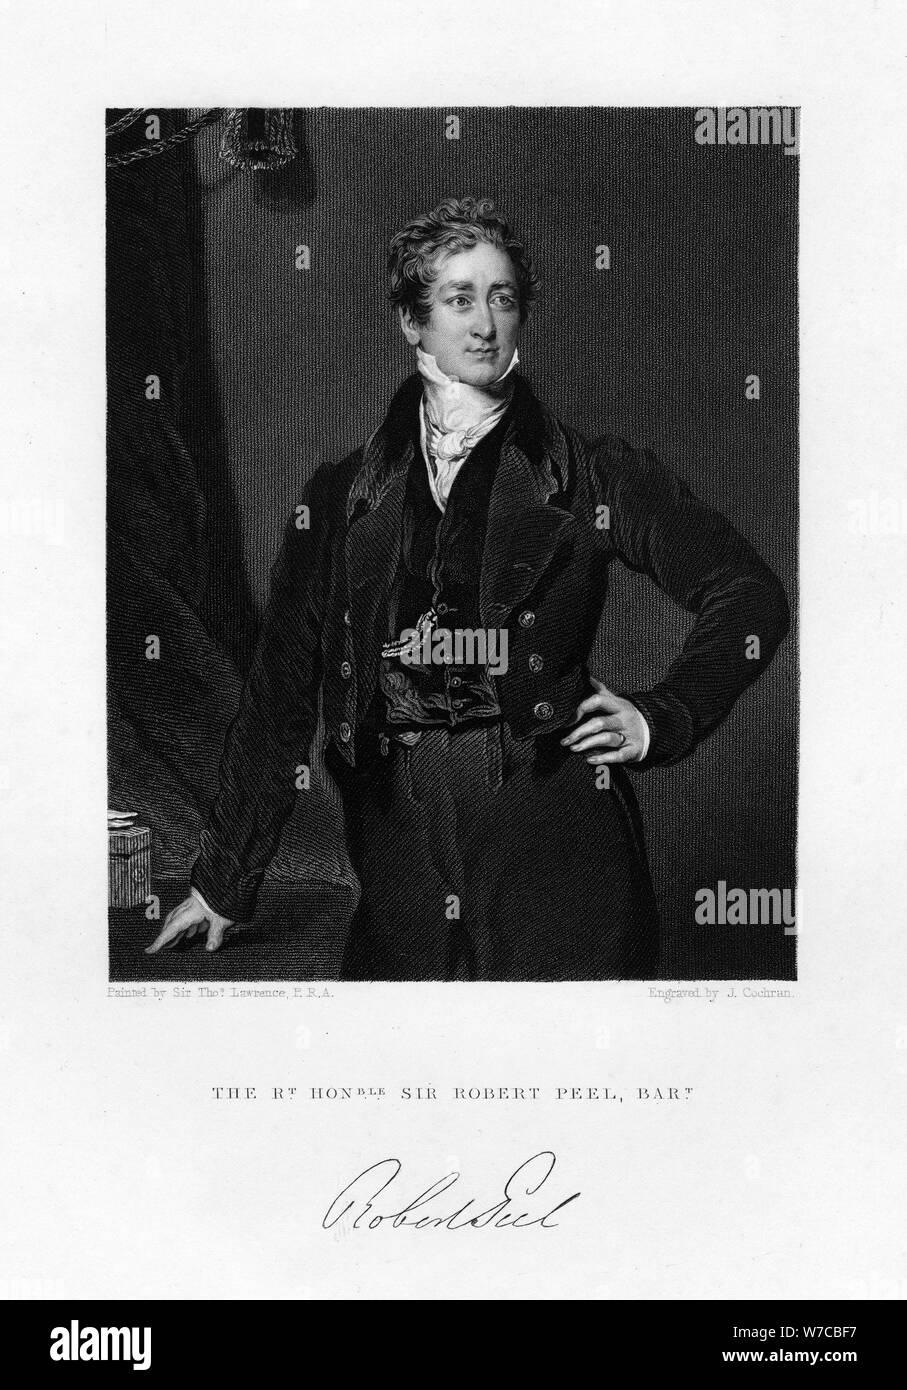 Sir Robert Peel, der britische Premierminister, 19. Artist: J Cochran Stockfoto